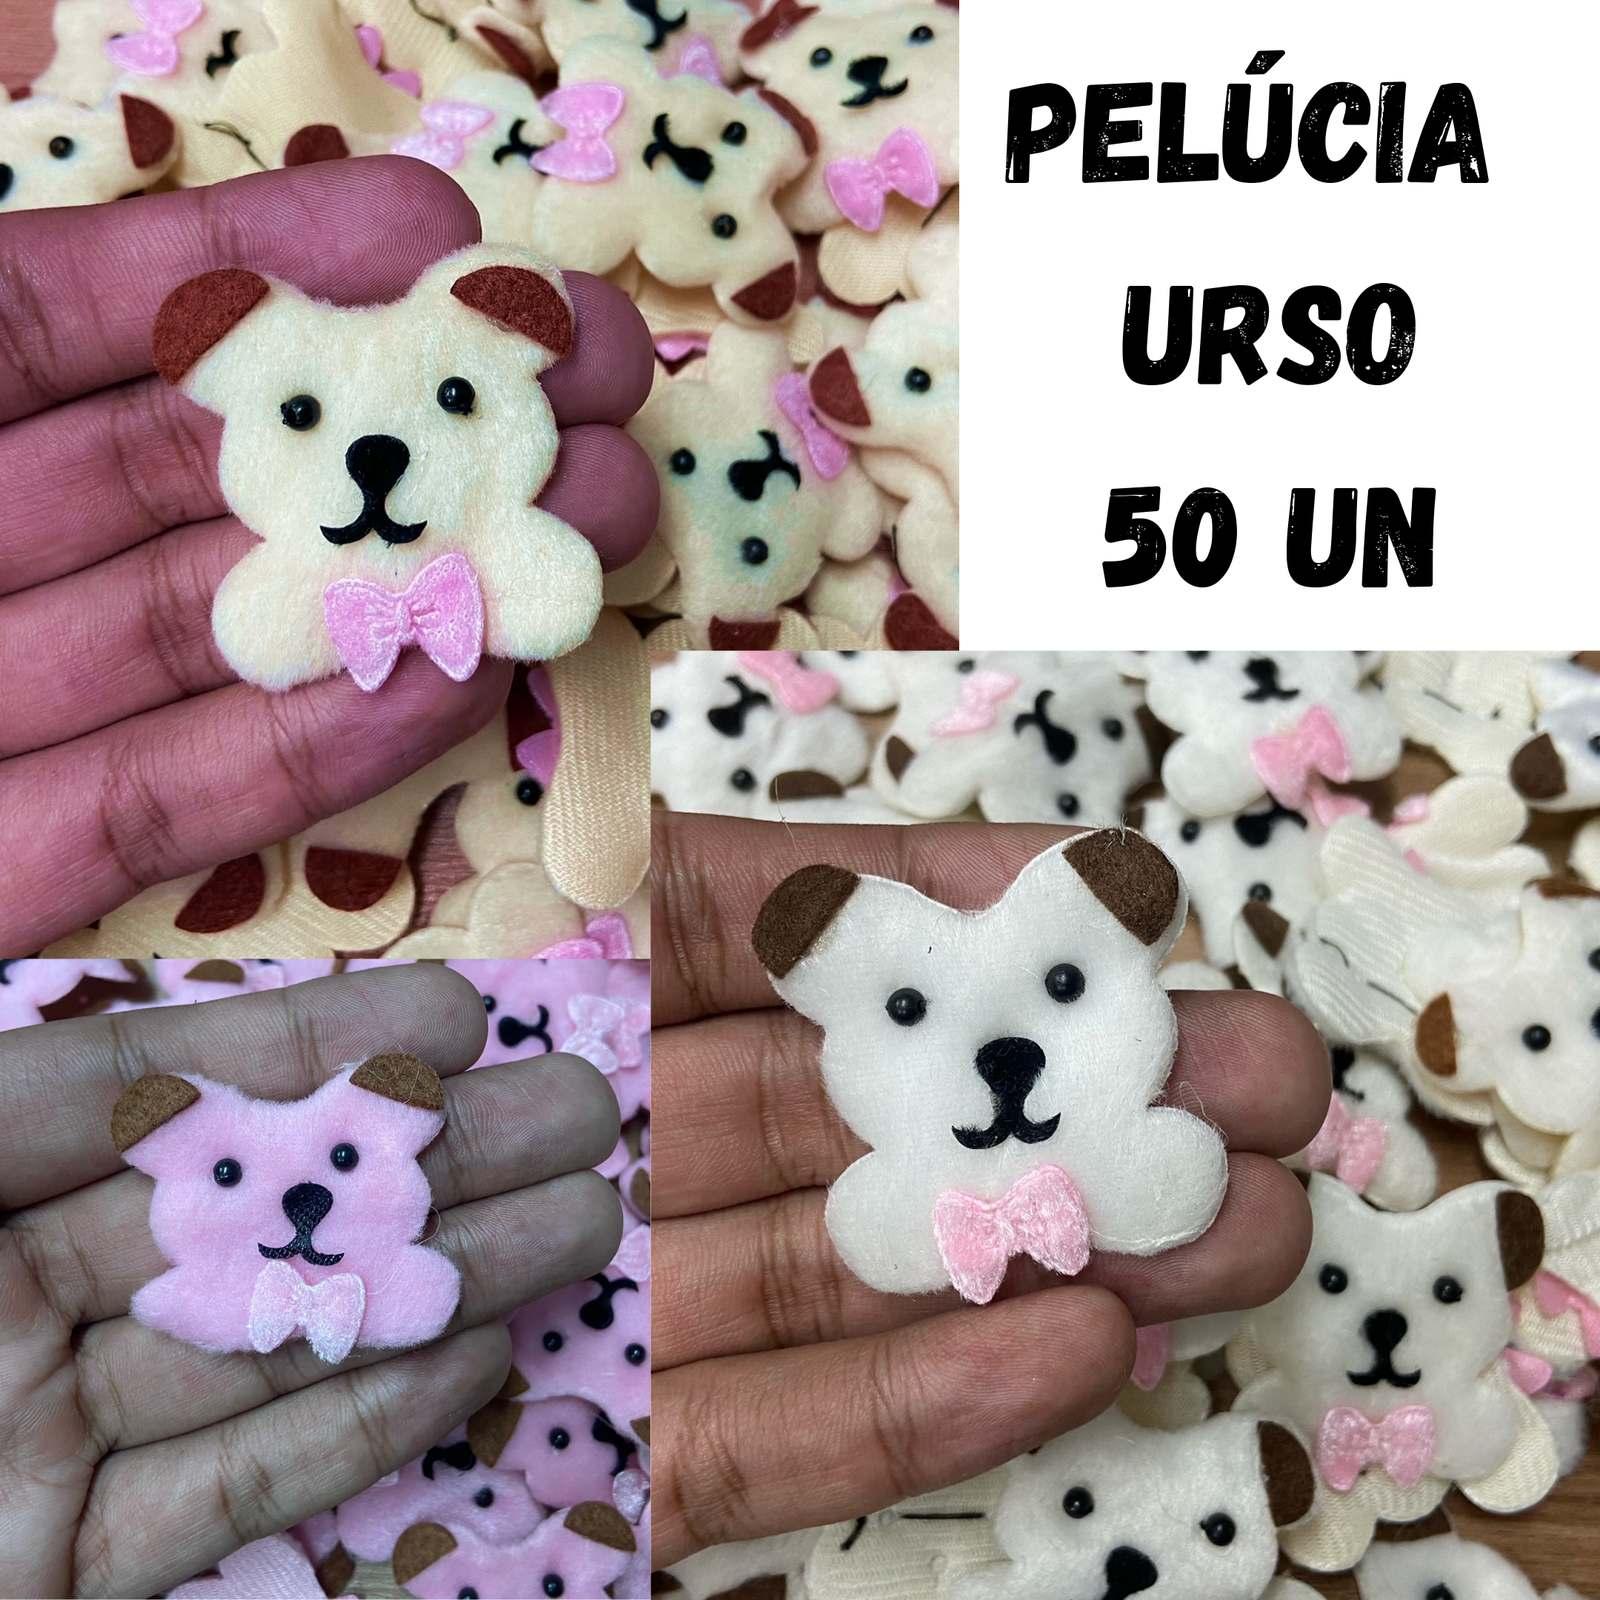 Pelúcia Urso - 50 unidades